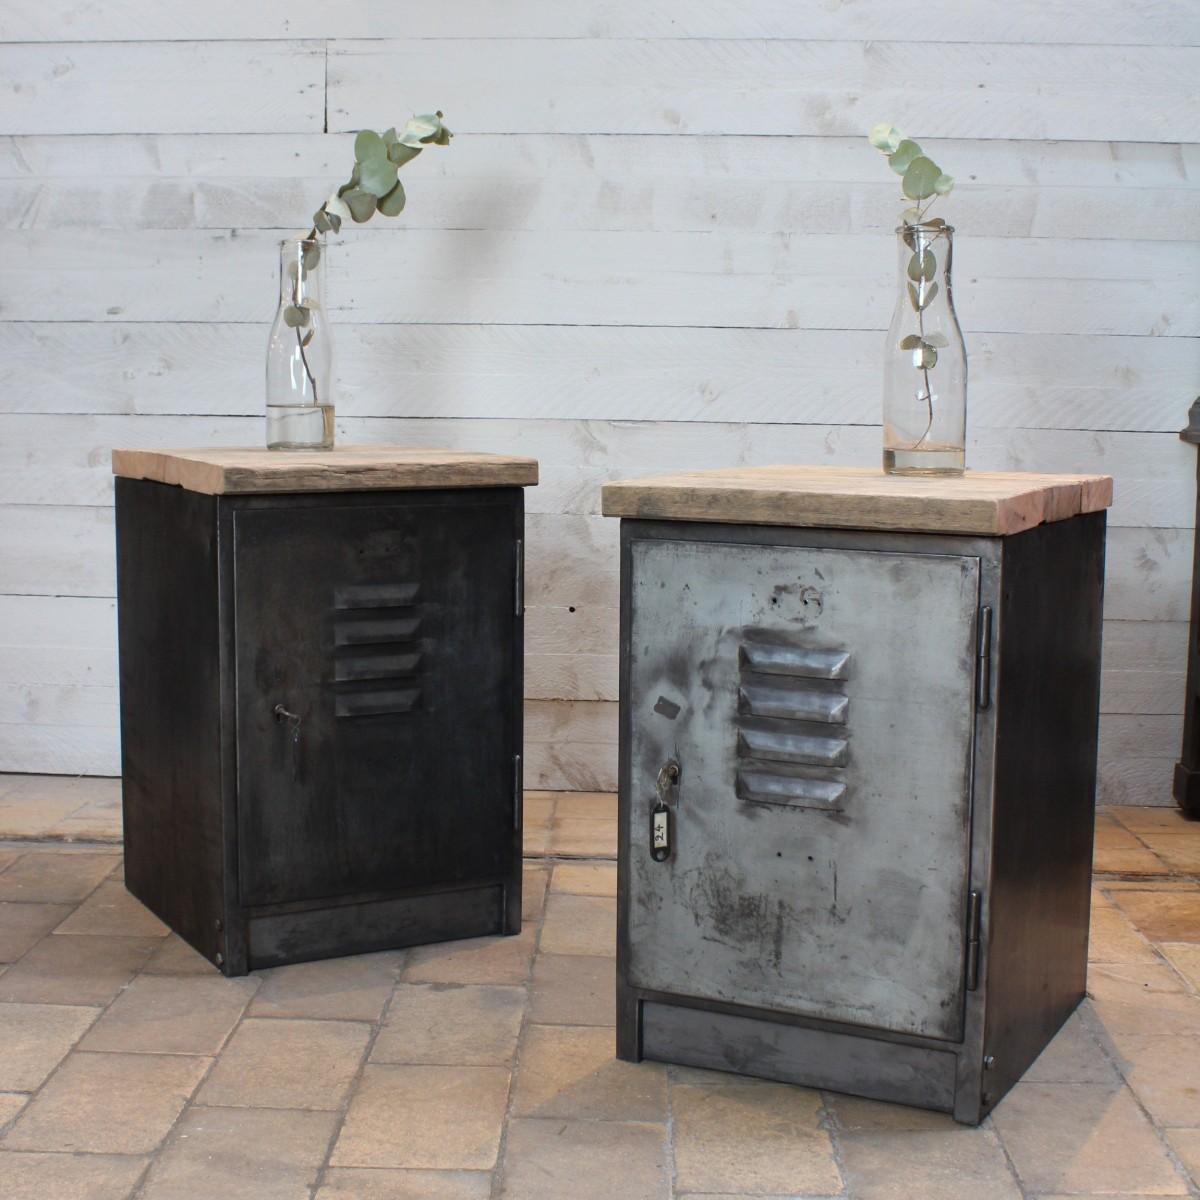 Paire de casiers industriel - Meuble casier industriel ...